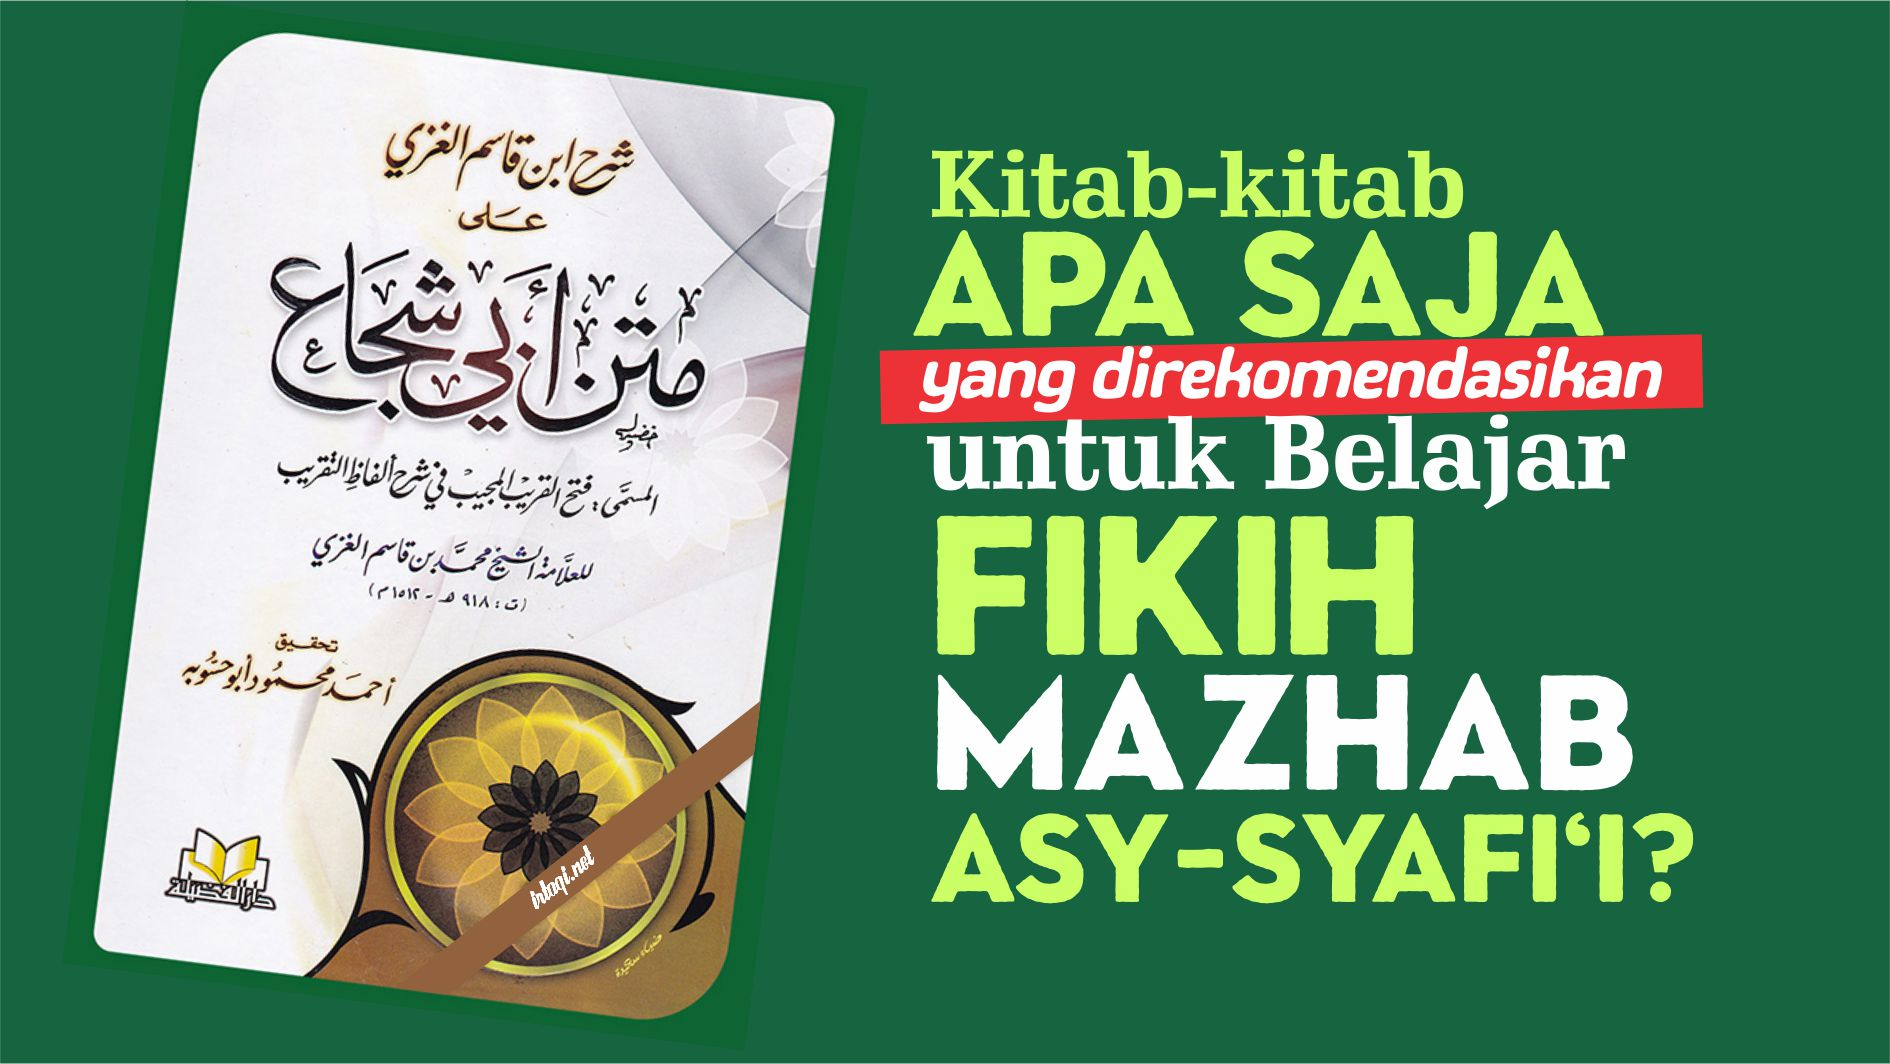 KITAB-KITAB APA SAJA YANG DIREKOMENDASIKAN UNTUK BELAJAR FIKIH MAZHAB ASY-SYAFI'I?